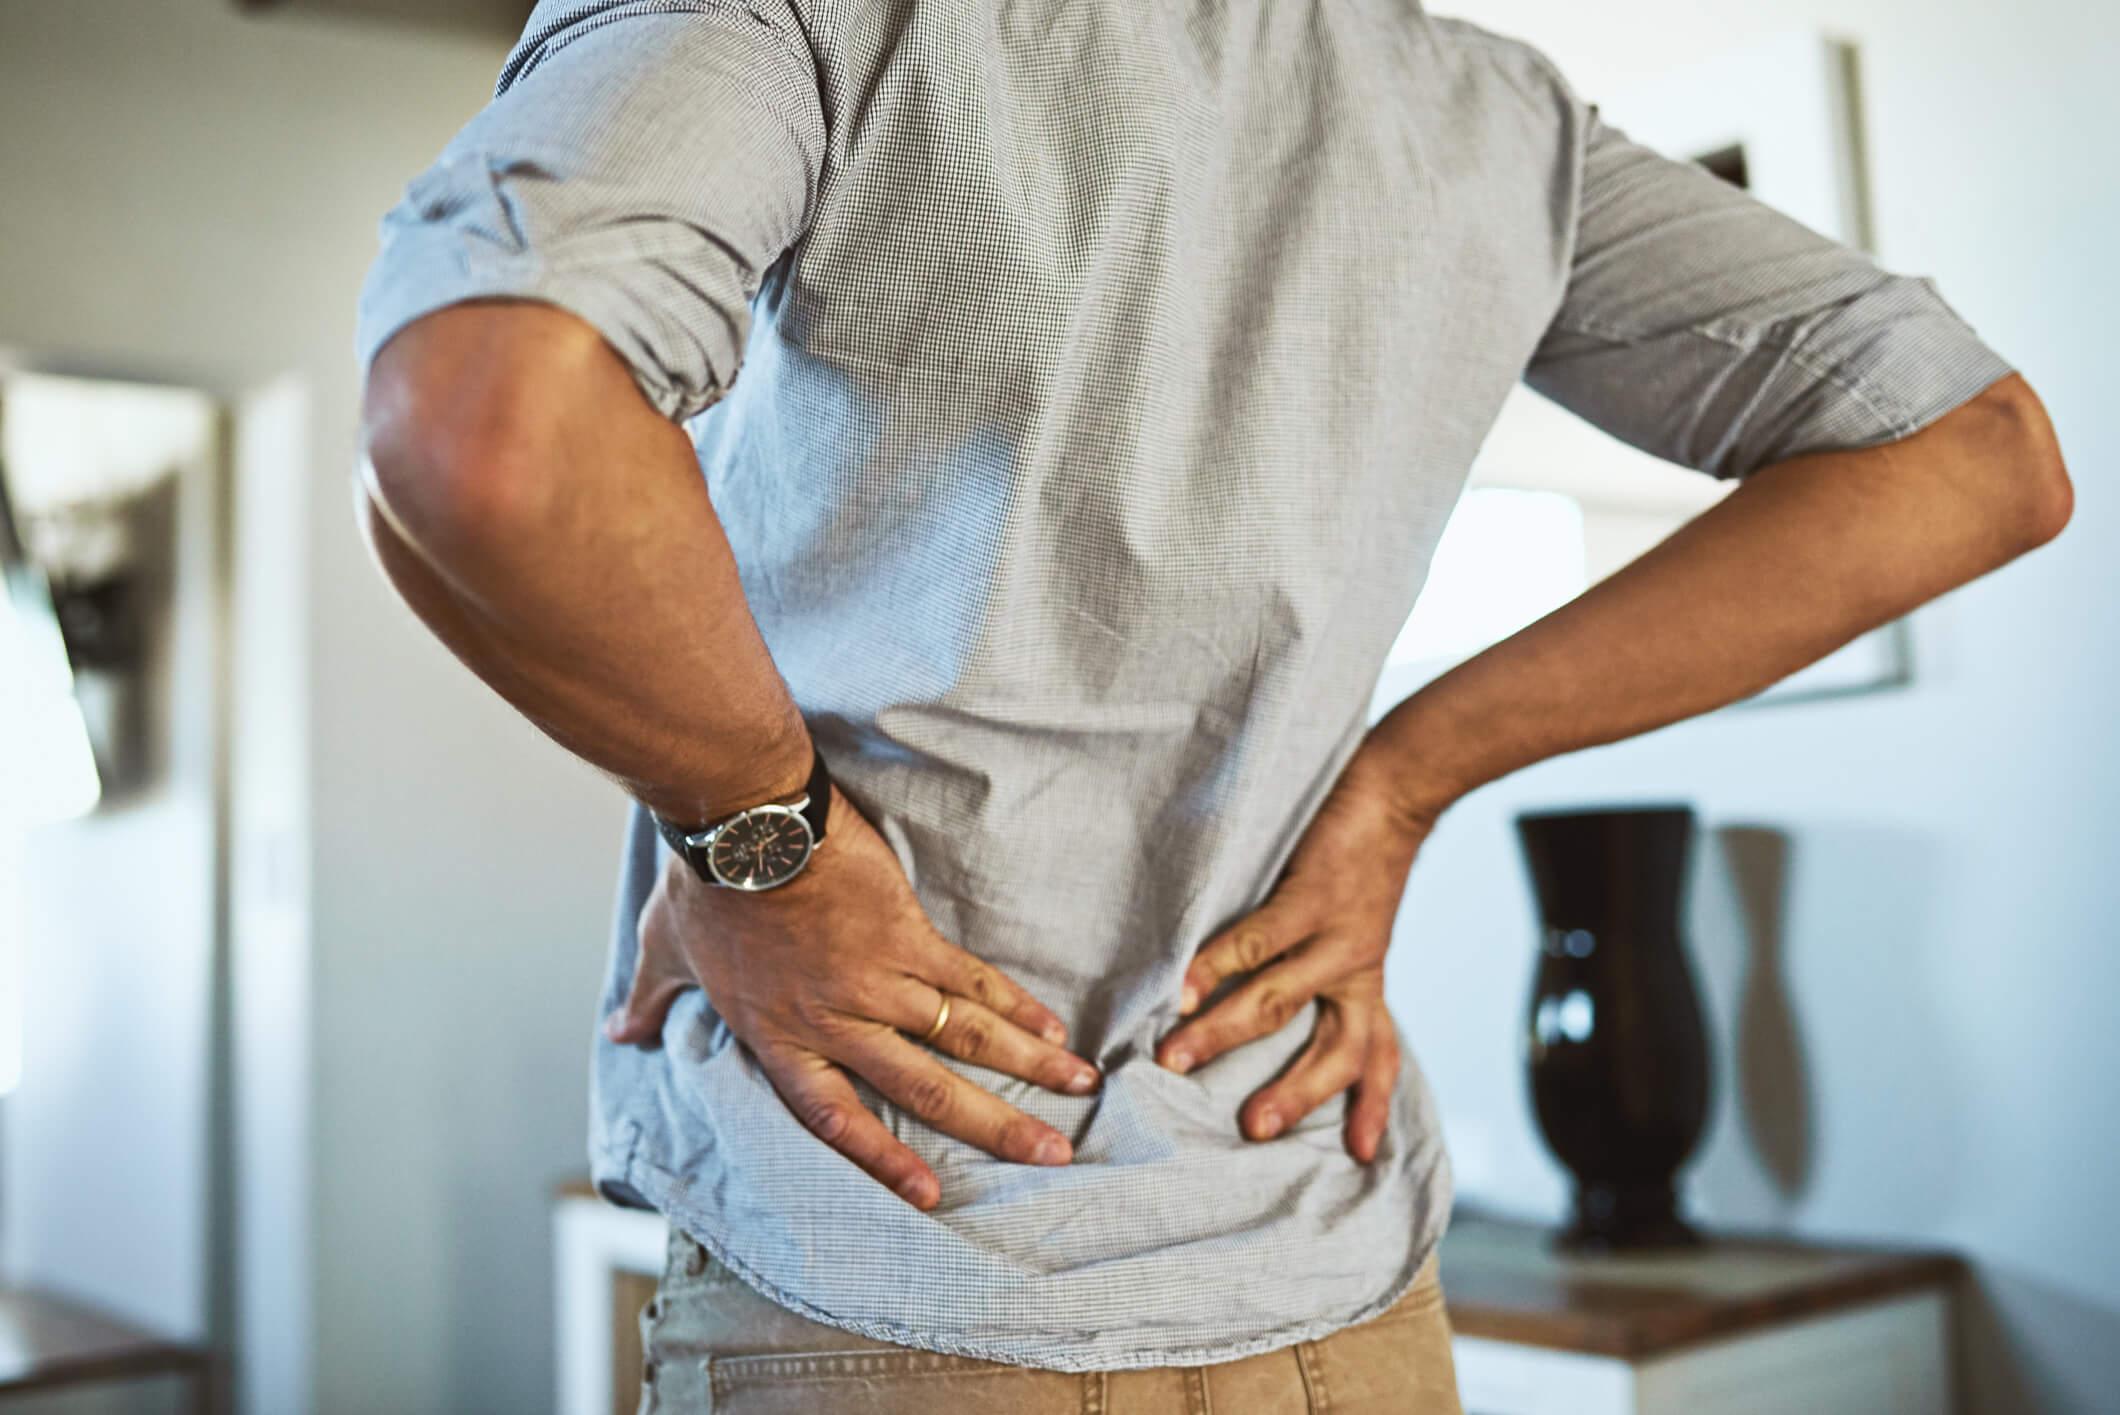 Dor na lombar: quais são as causas, sintomas e tratamentos?